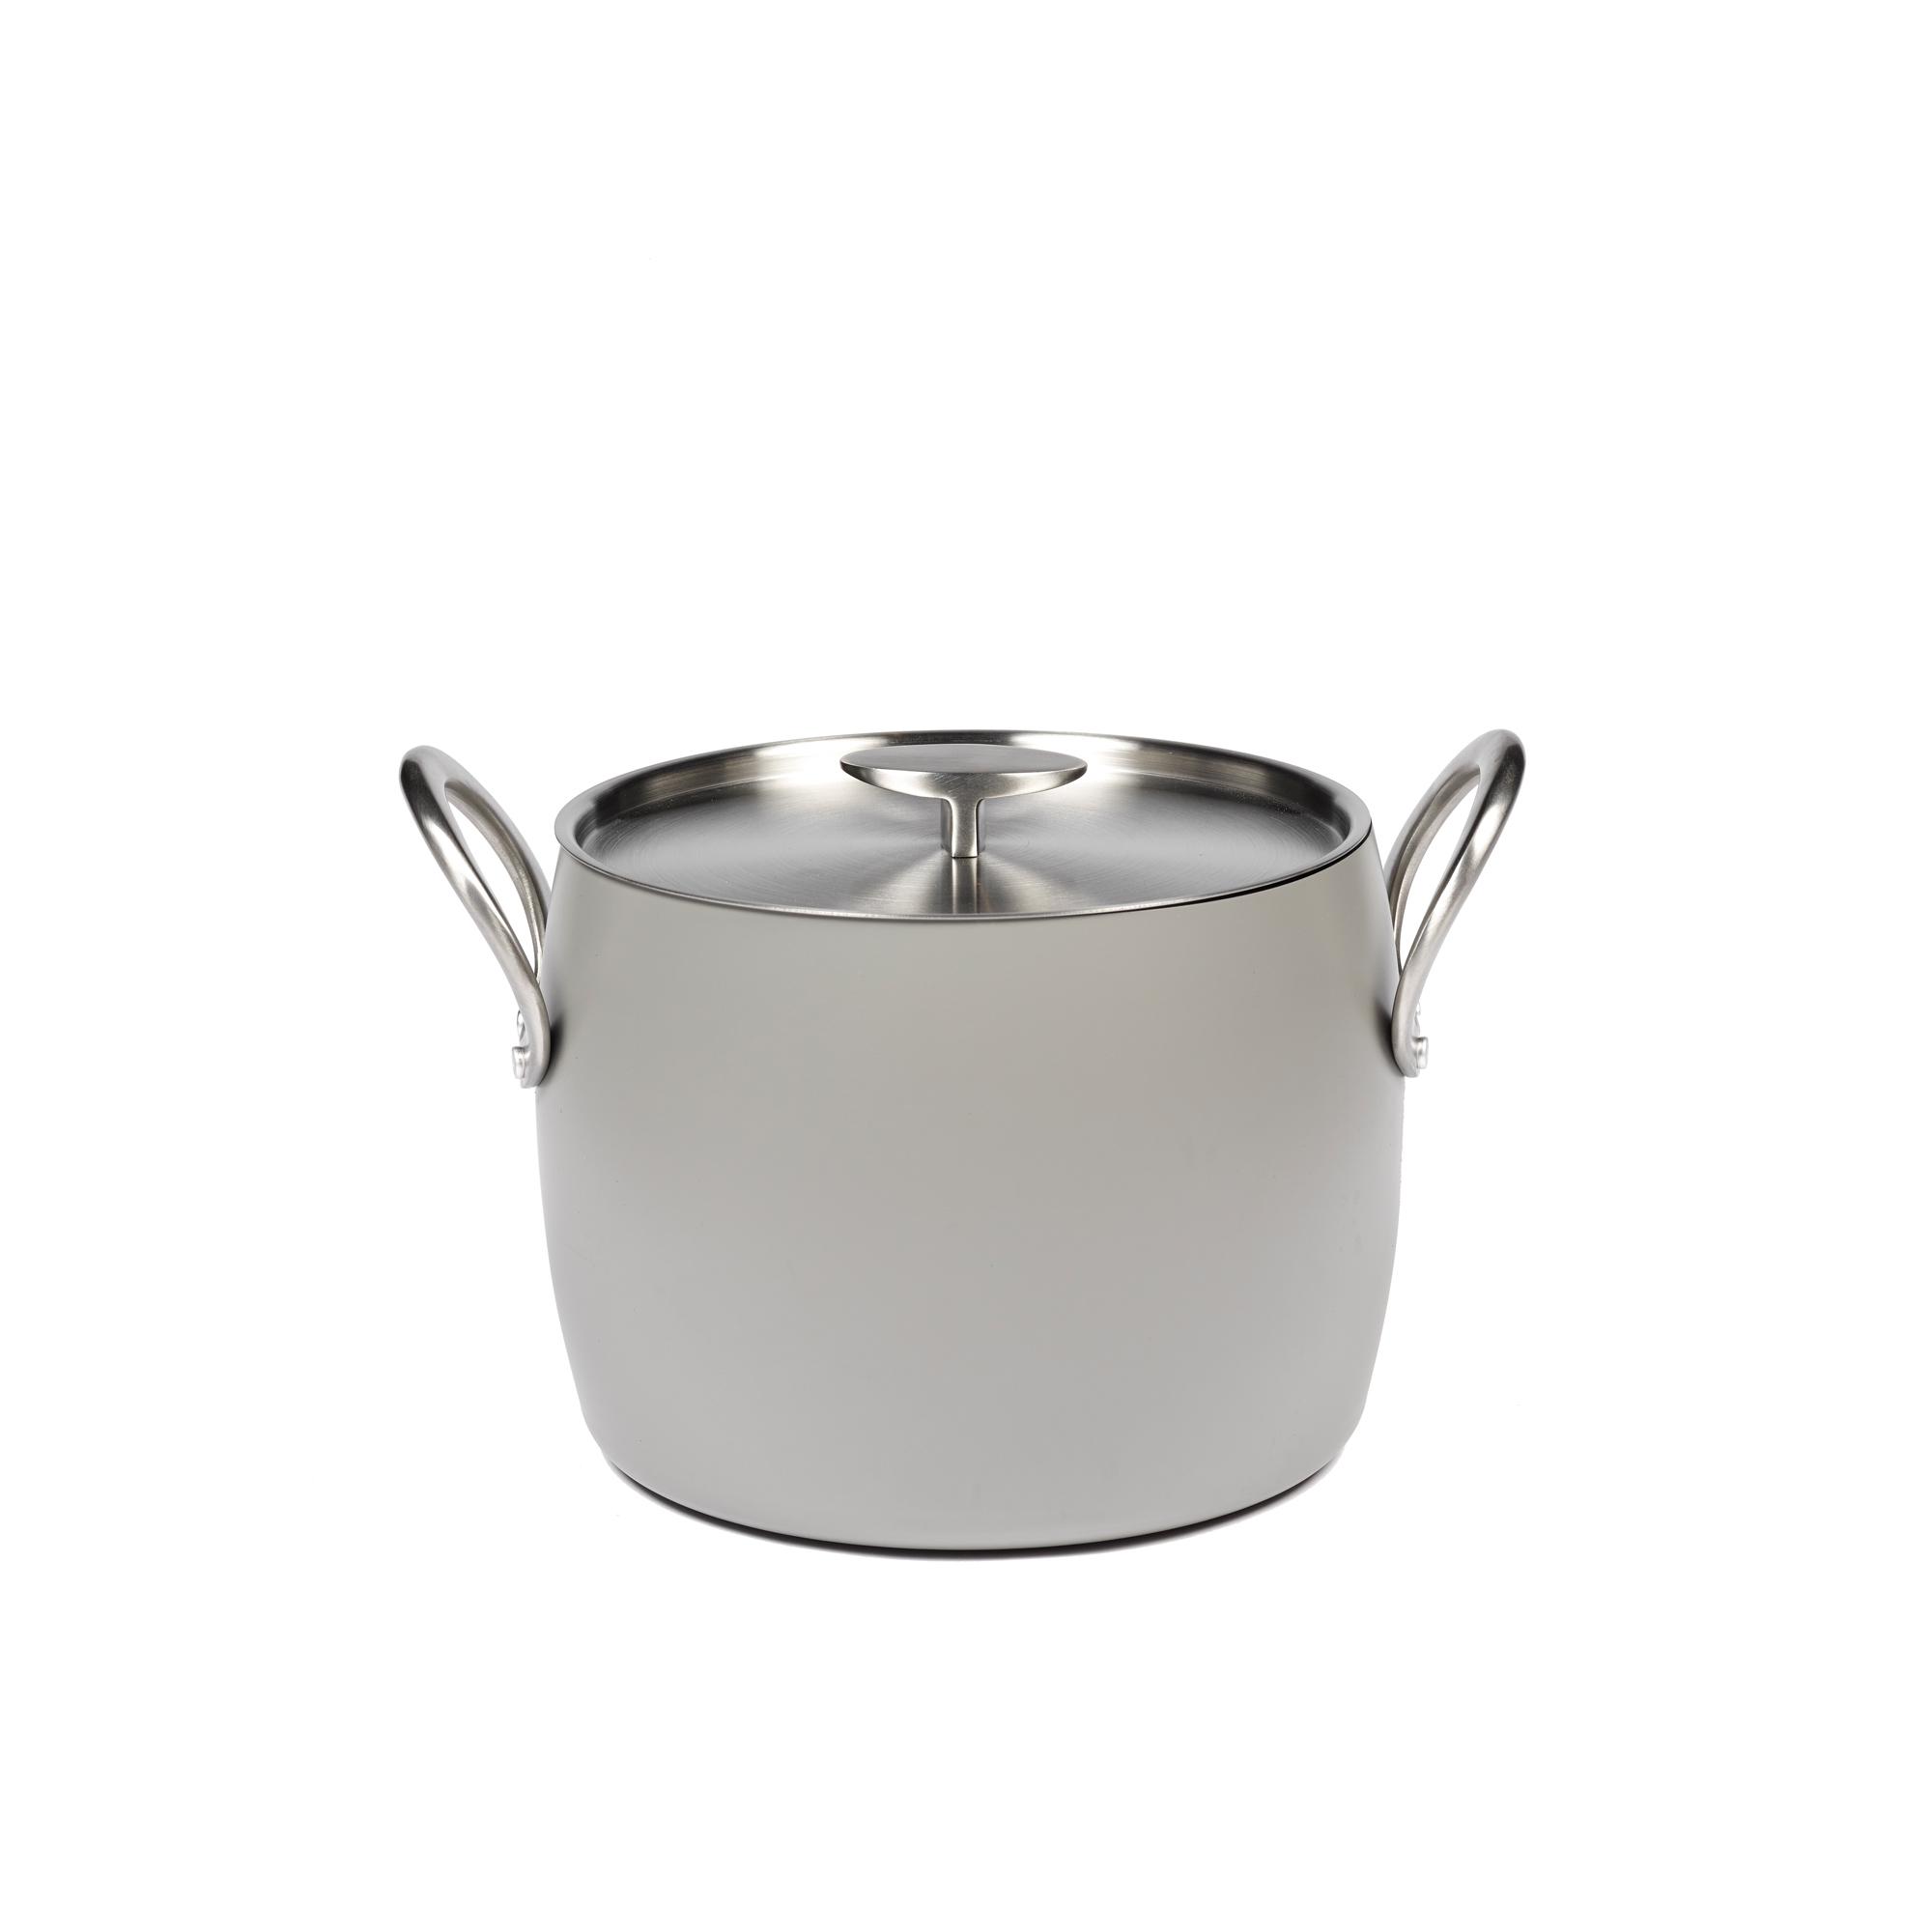 Pentola In alluminio Pure 7,5 L